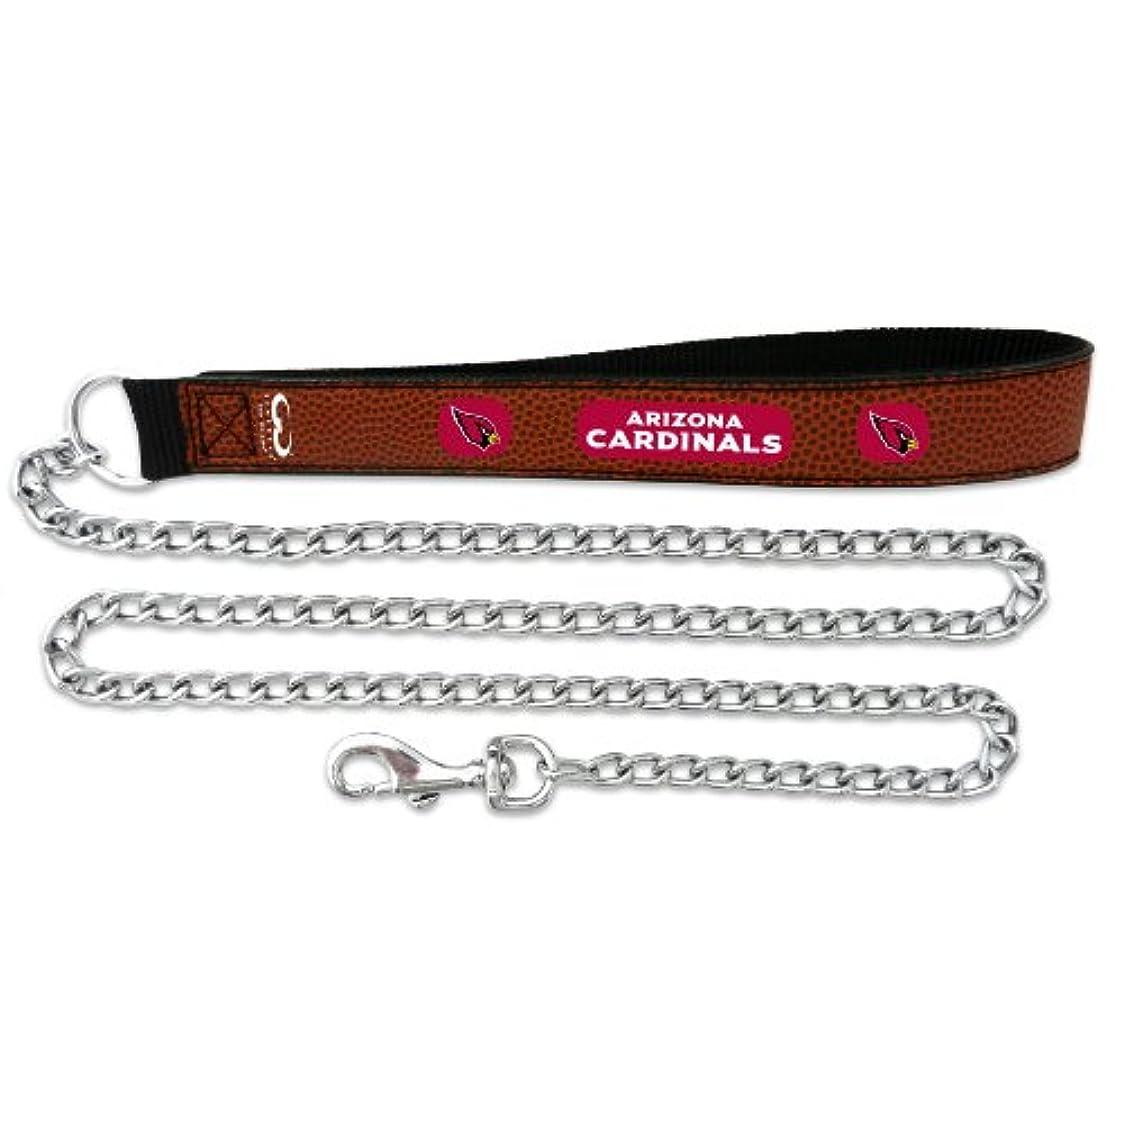 インペリアル所属懸念Arizona Cardinals Football Leather 2.5mm Chain Leash - M